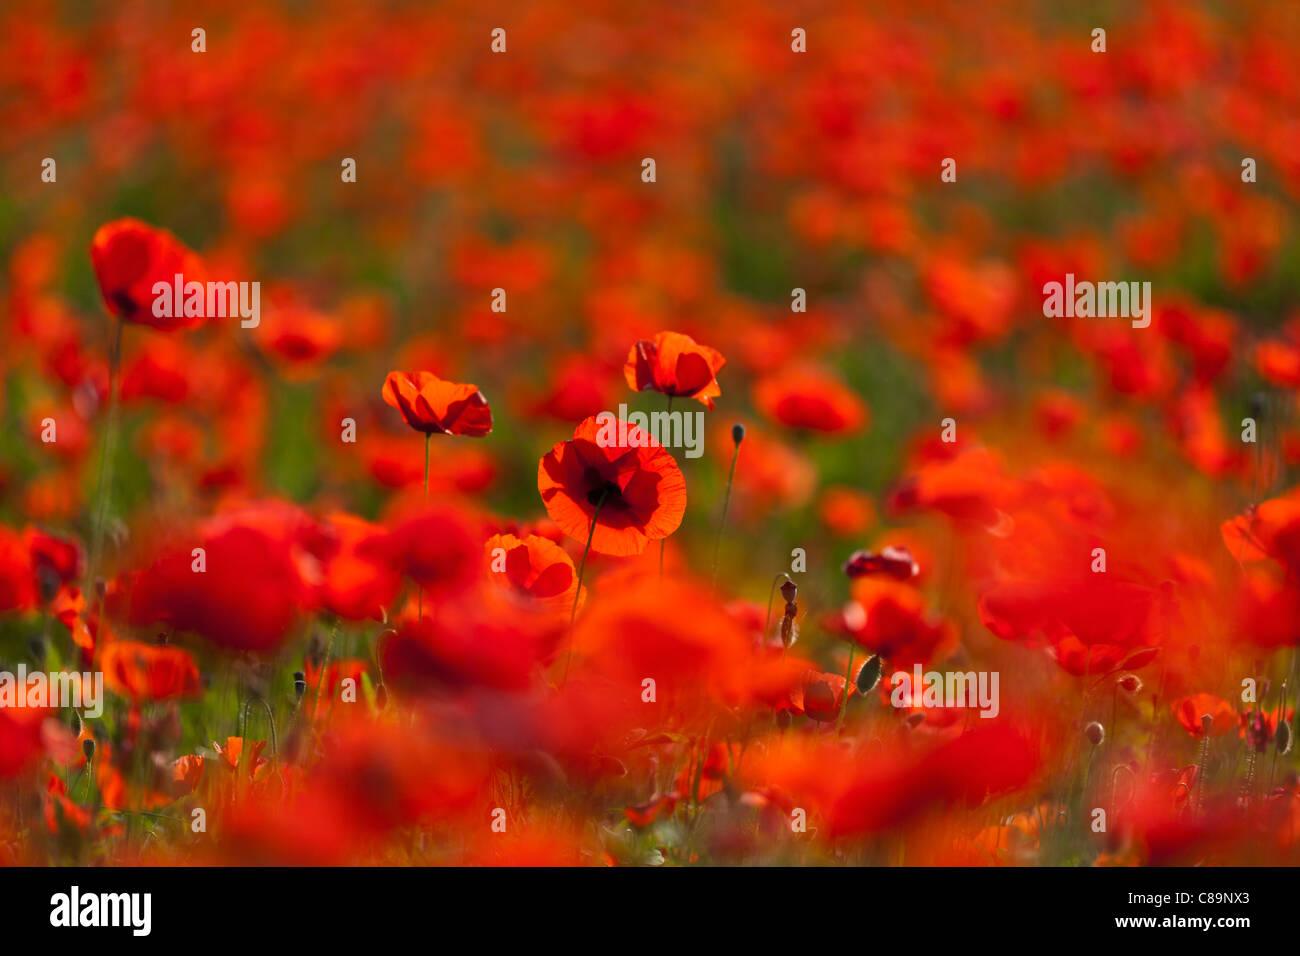 Italien, Toskana, Kreta, Blick auf roten Mohnfeld Stockbild